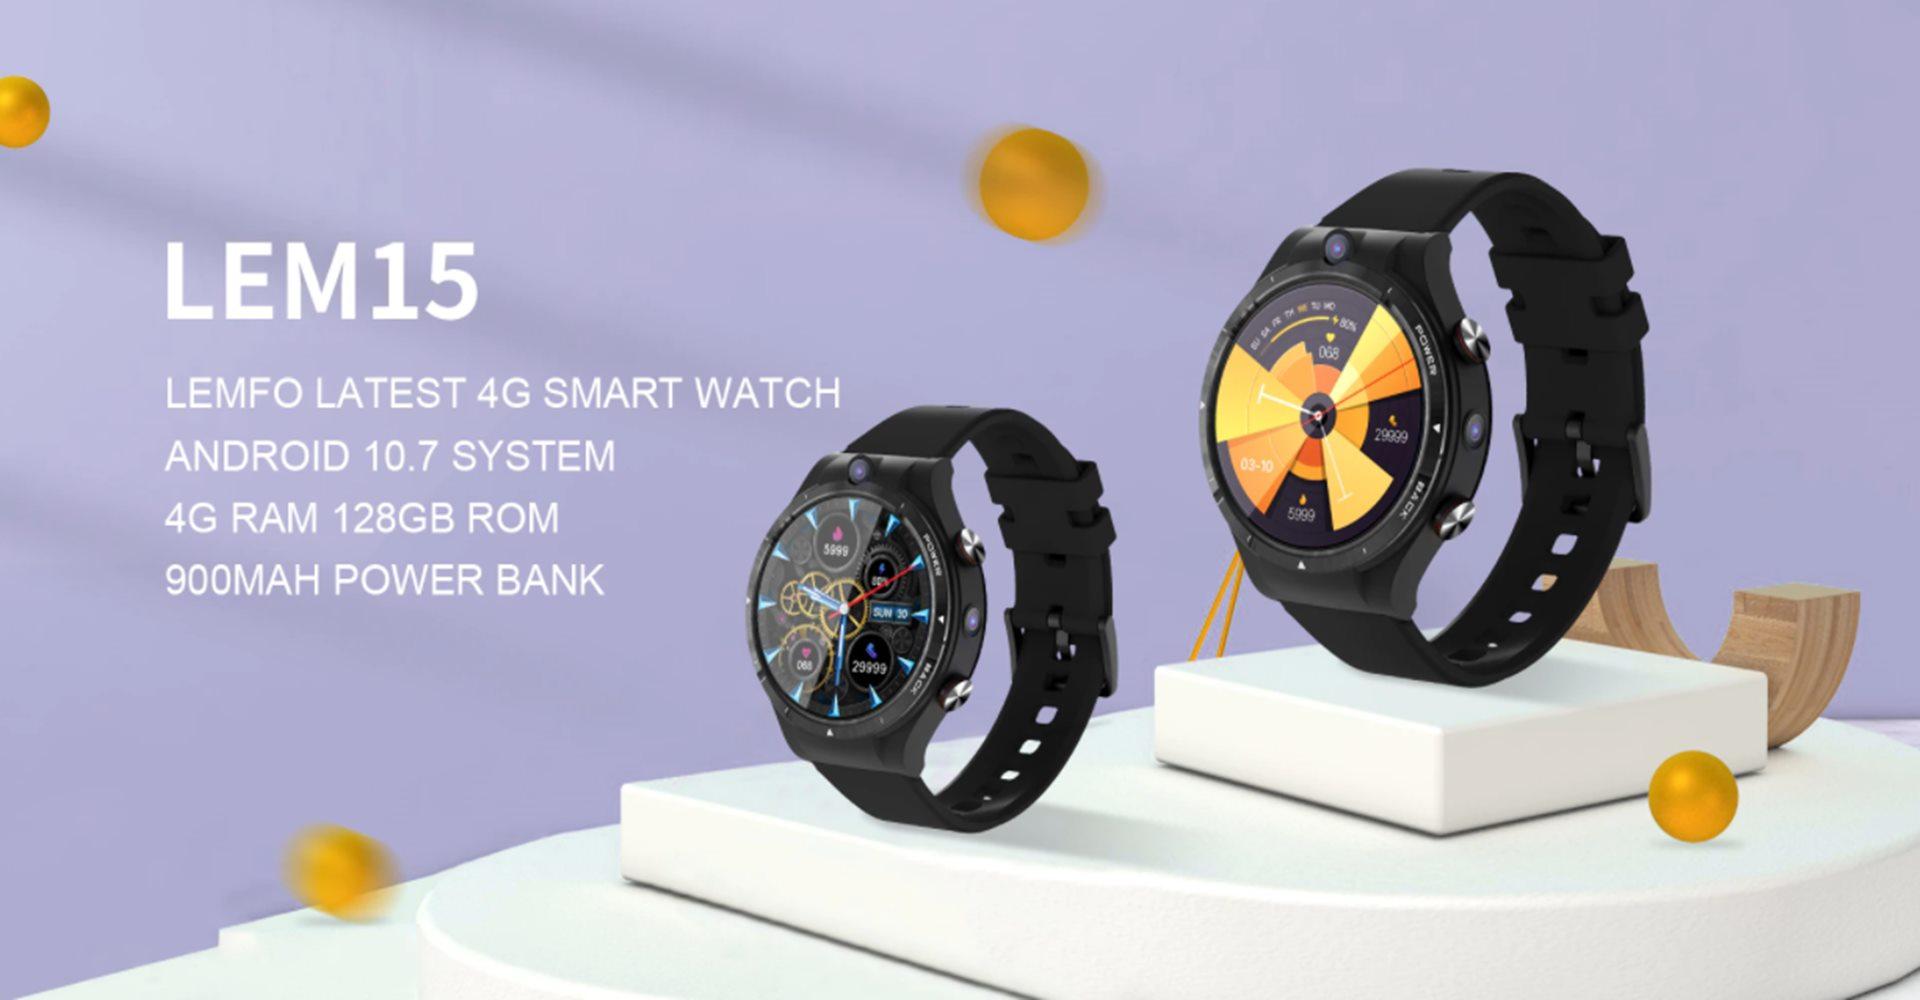 yeni lemfo lem15 akıllı saat lemfo turkiye tedarikçisi Natronet global